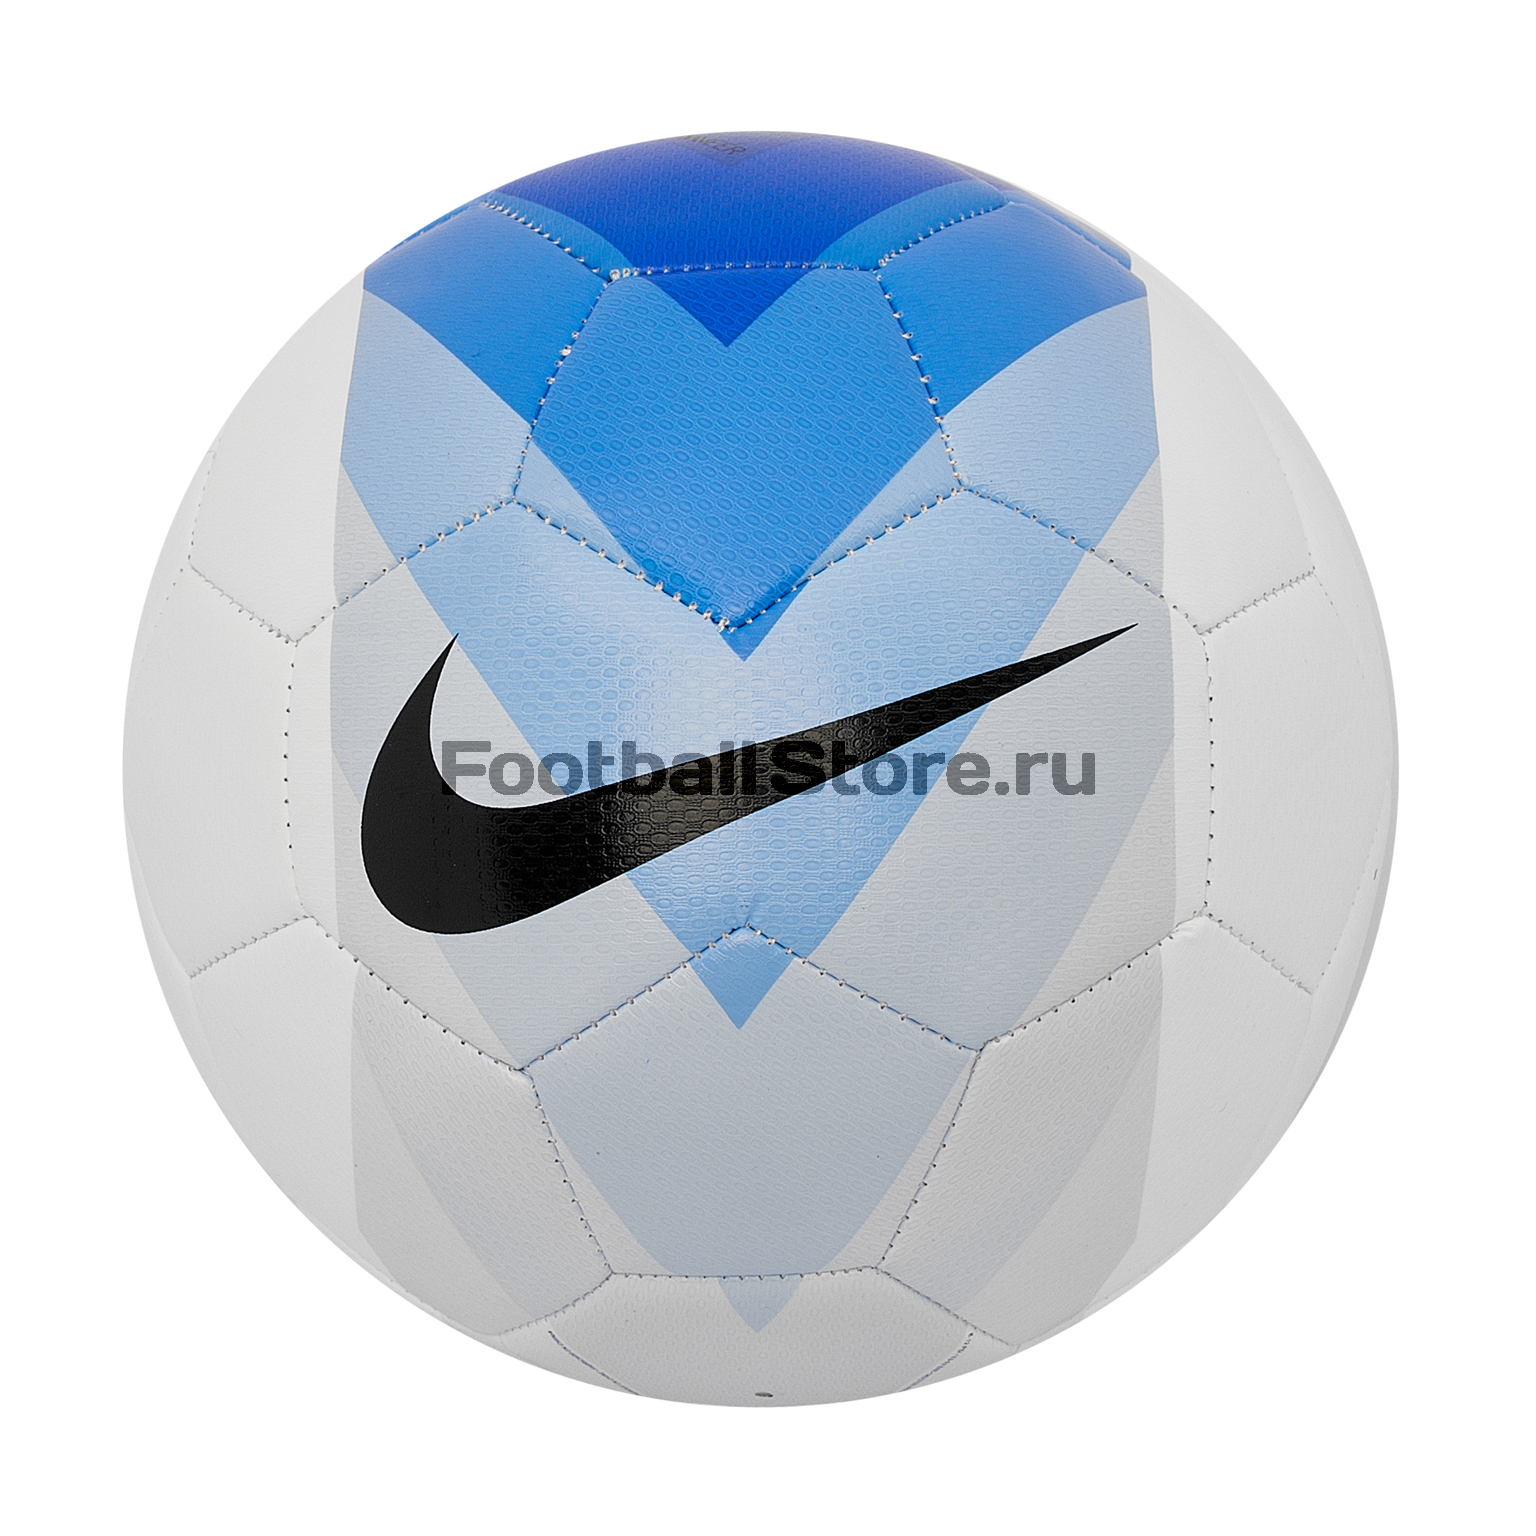 Футбольный мяч Nike FootballX Strike SC3036-101 цена